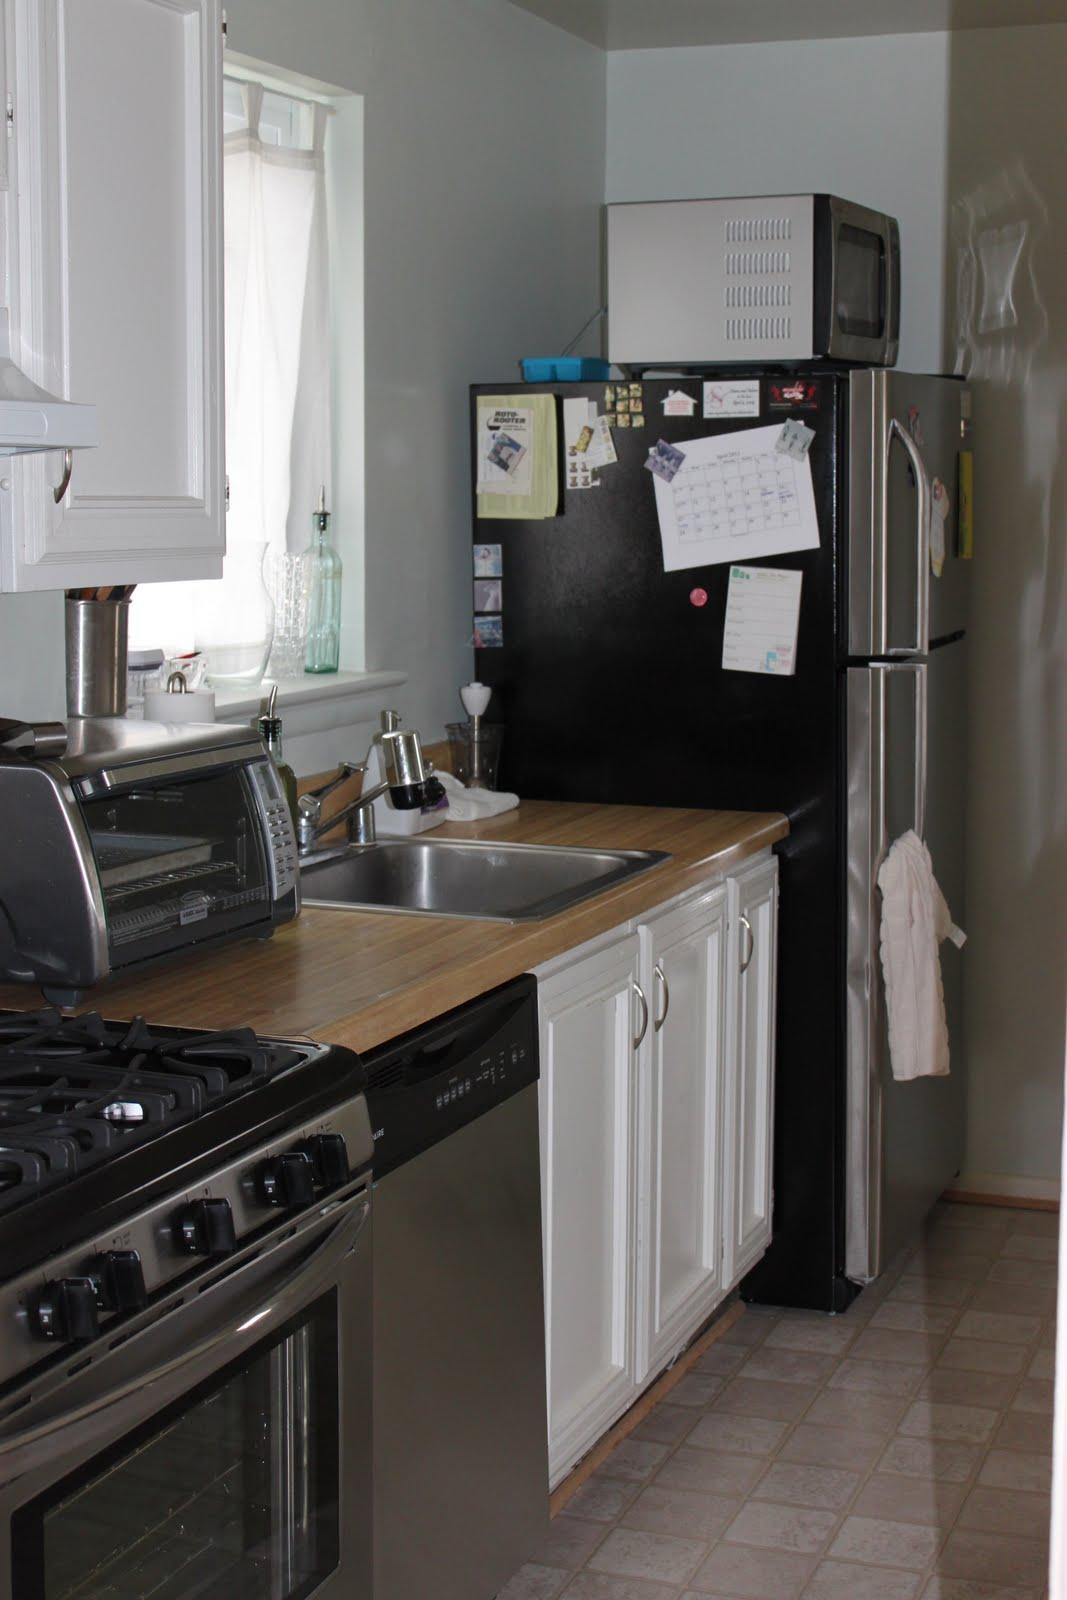 Microwave On Top Of Fridge Bestmicrowave